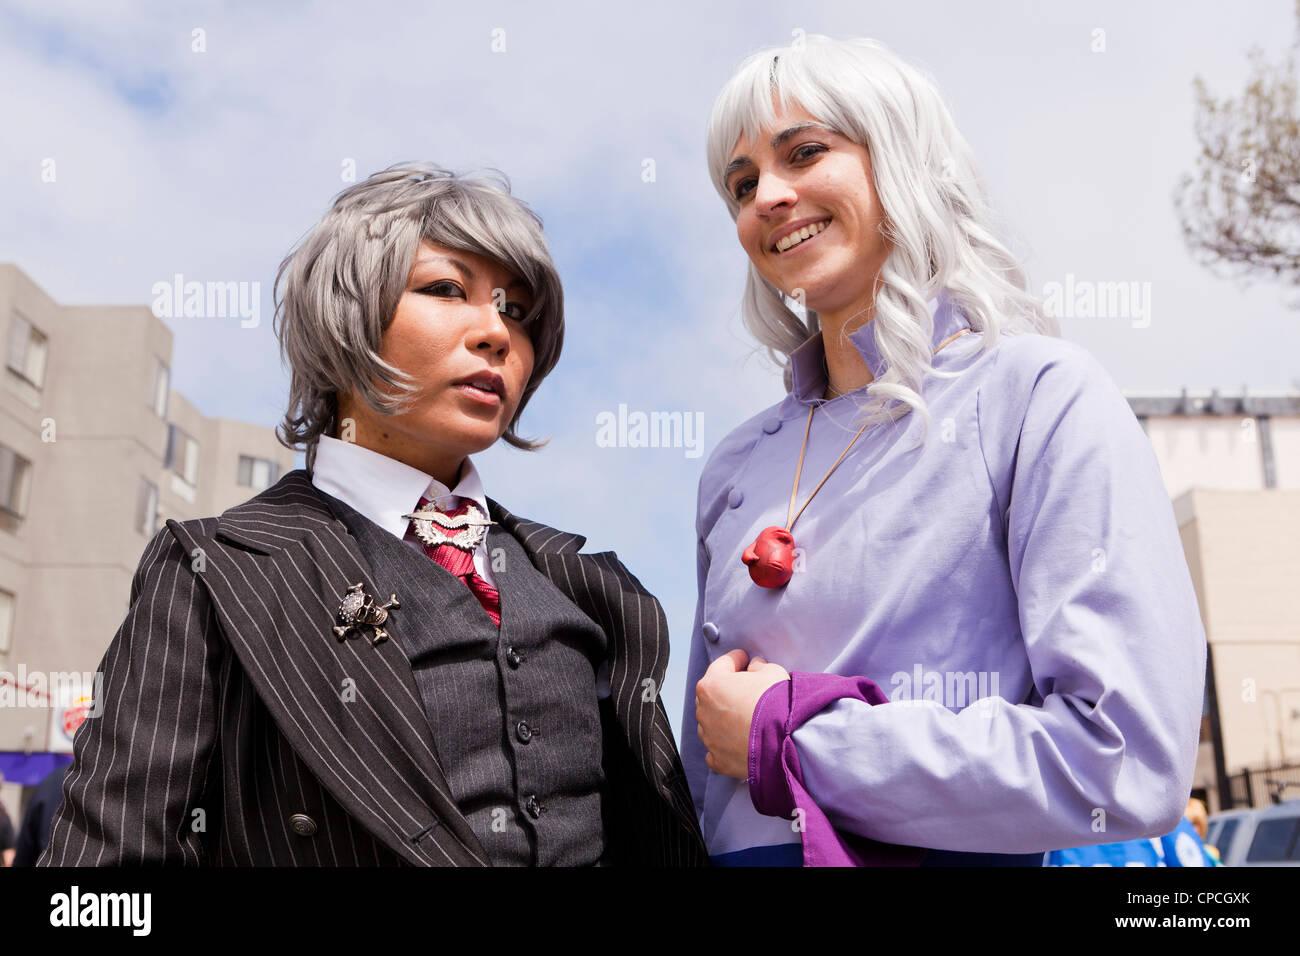 Junge Frauen gekleidet, wie Anime Zeichen bei japanischen Festival - San Francisco, Kalifornien, USA Stockbild